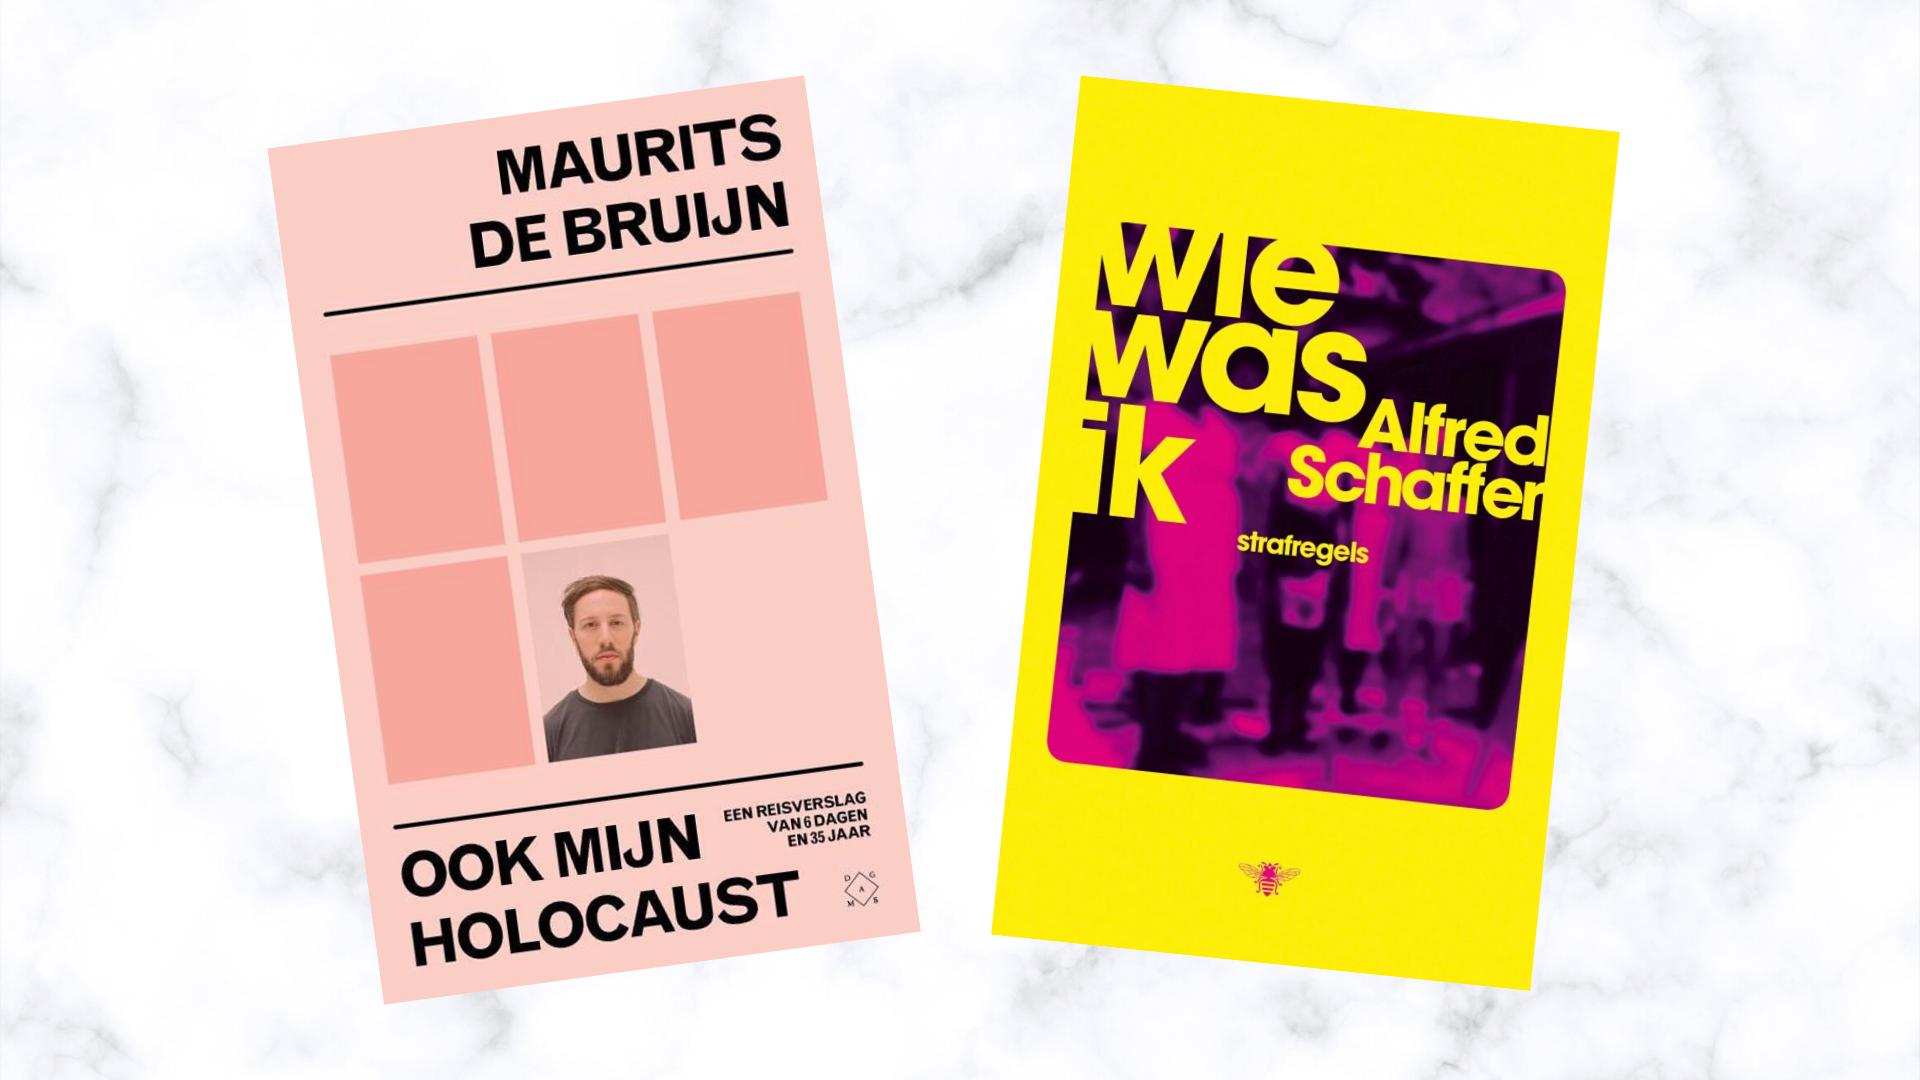 De nieuwe boeken waar ik naar uitkijk in mei